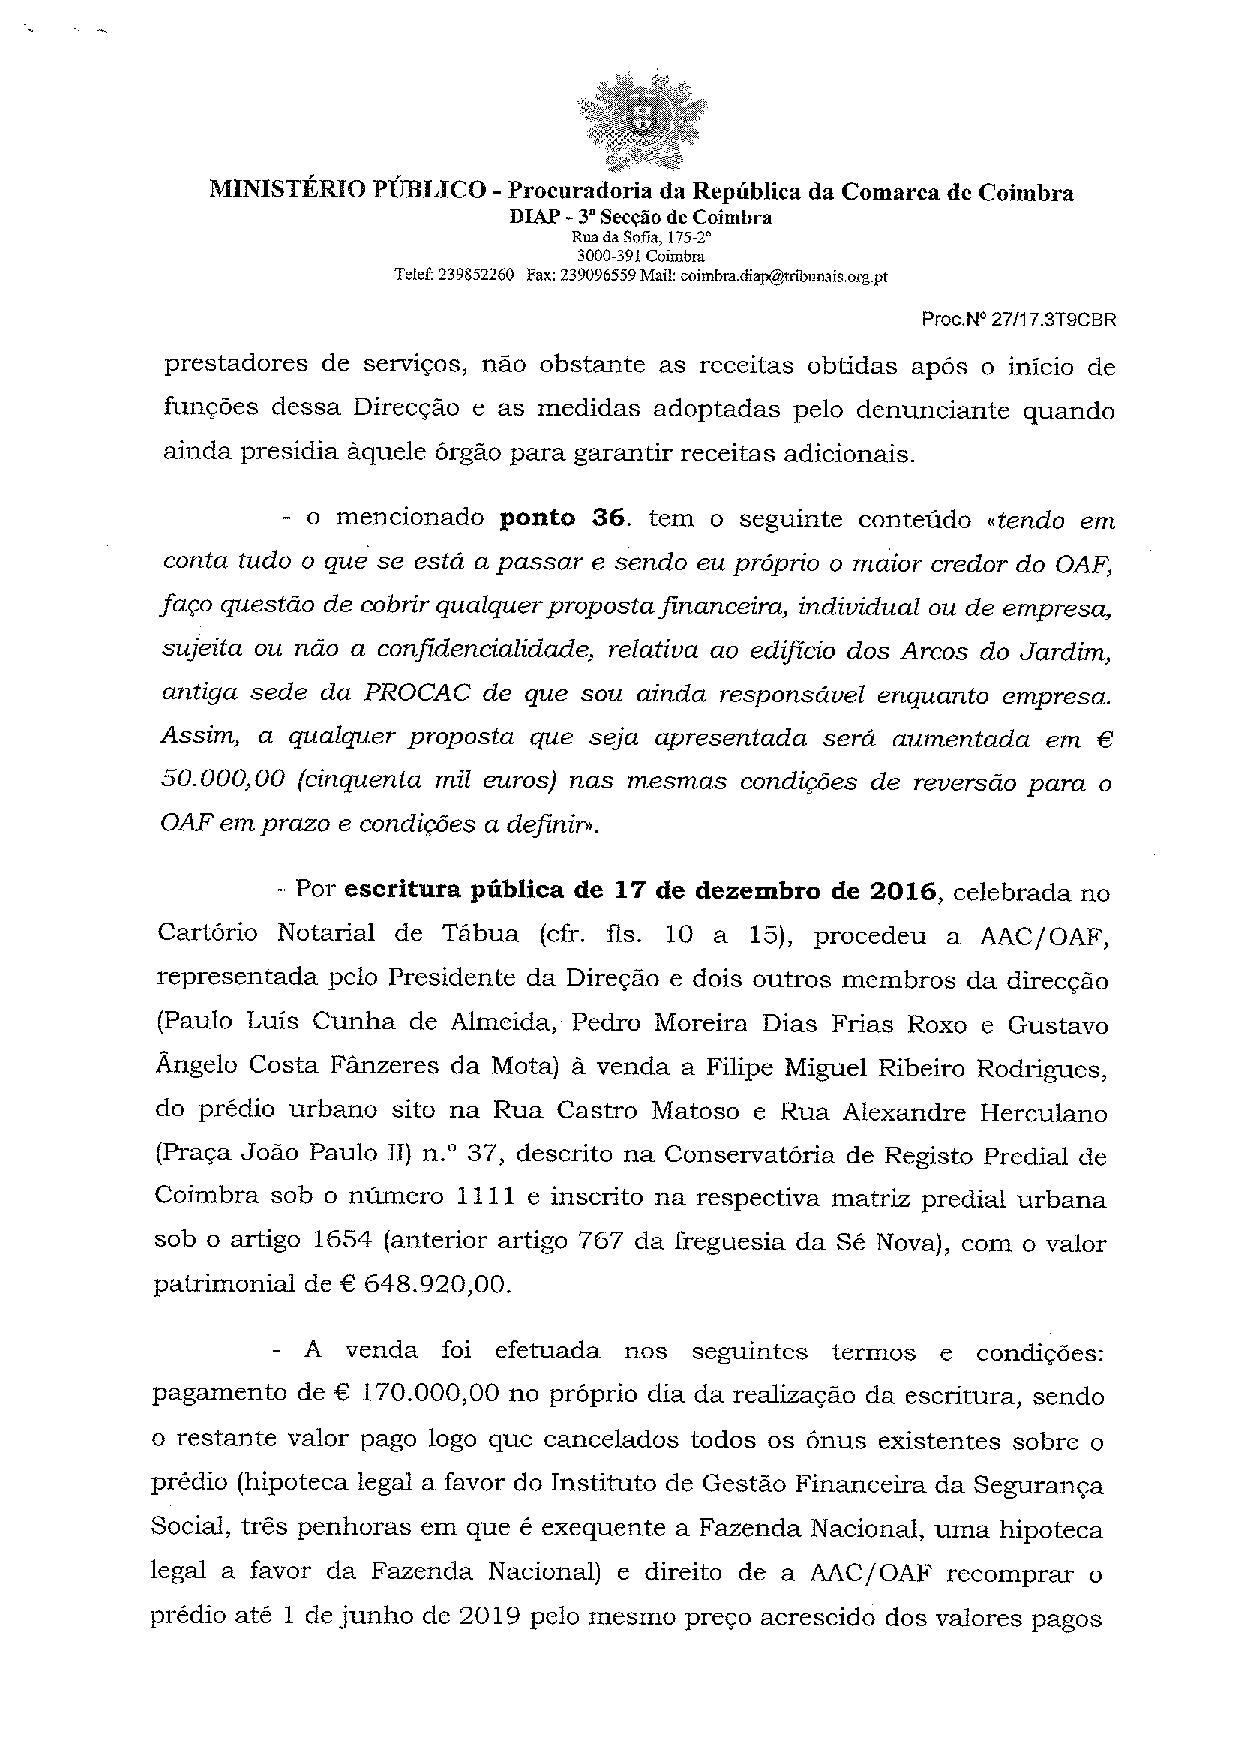 ACA-page-014